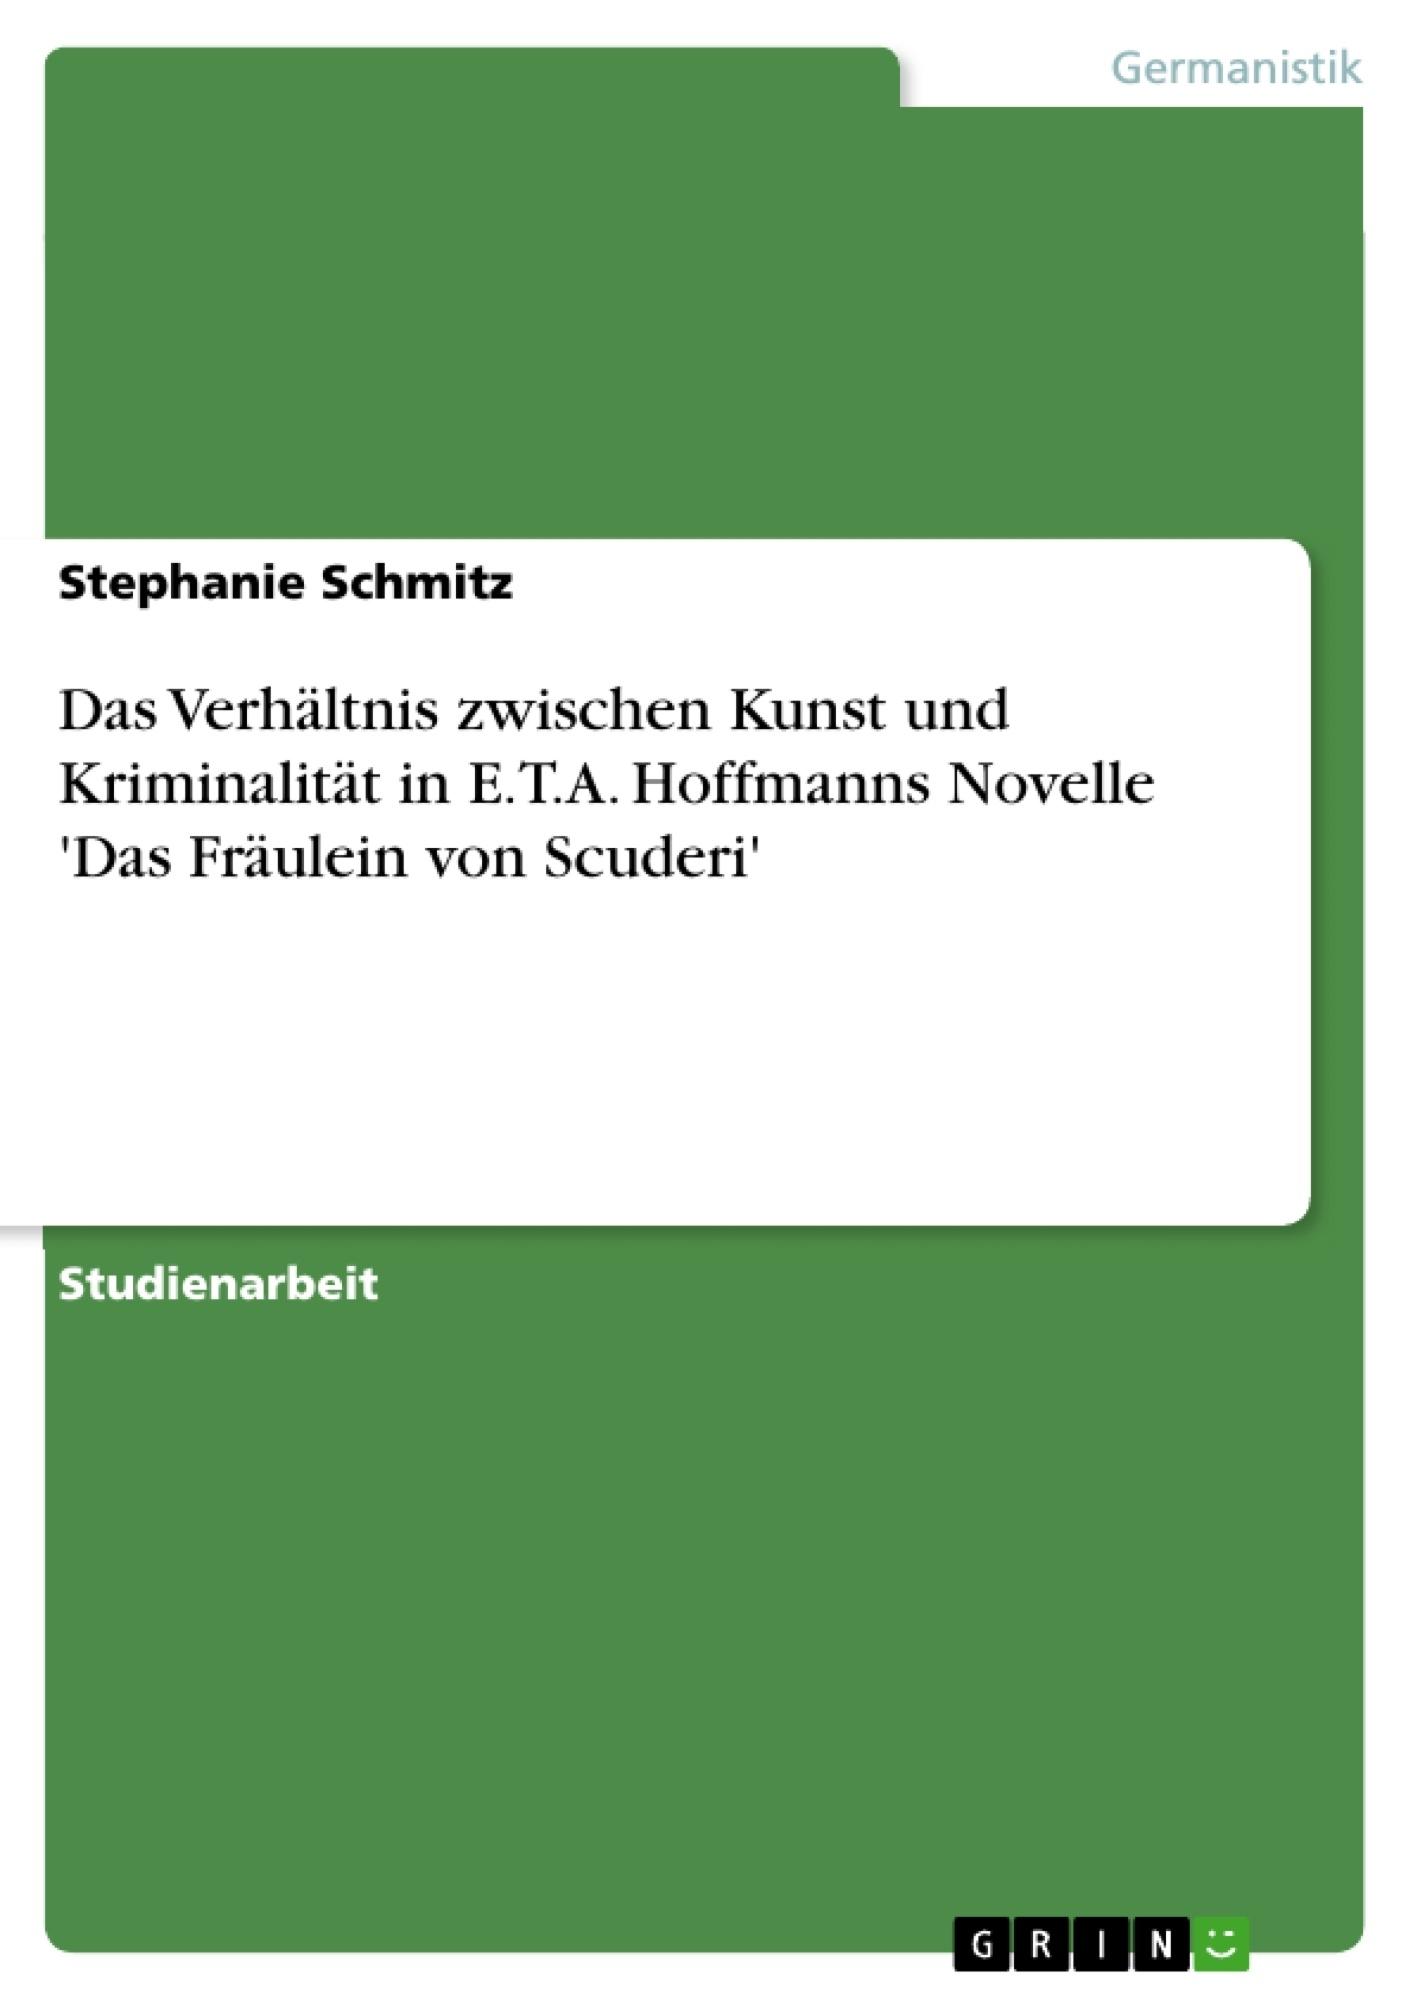 Titel: Das Verhältnis zwischen Kunst und Kriminalität in E.T.A. Hoffmanns Novelle 'Das Fräulein von Scuderi'